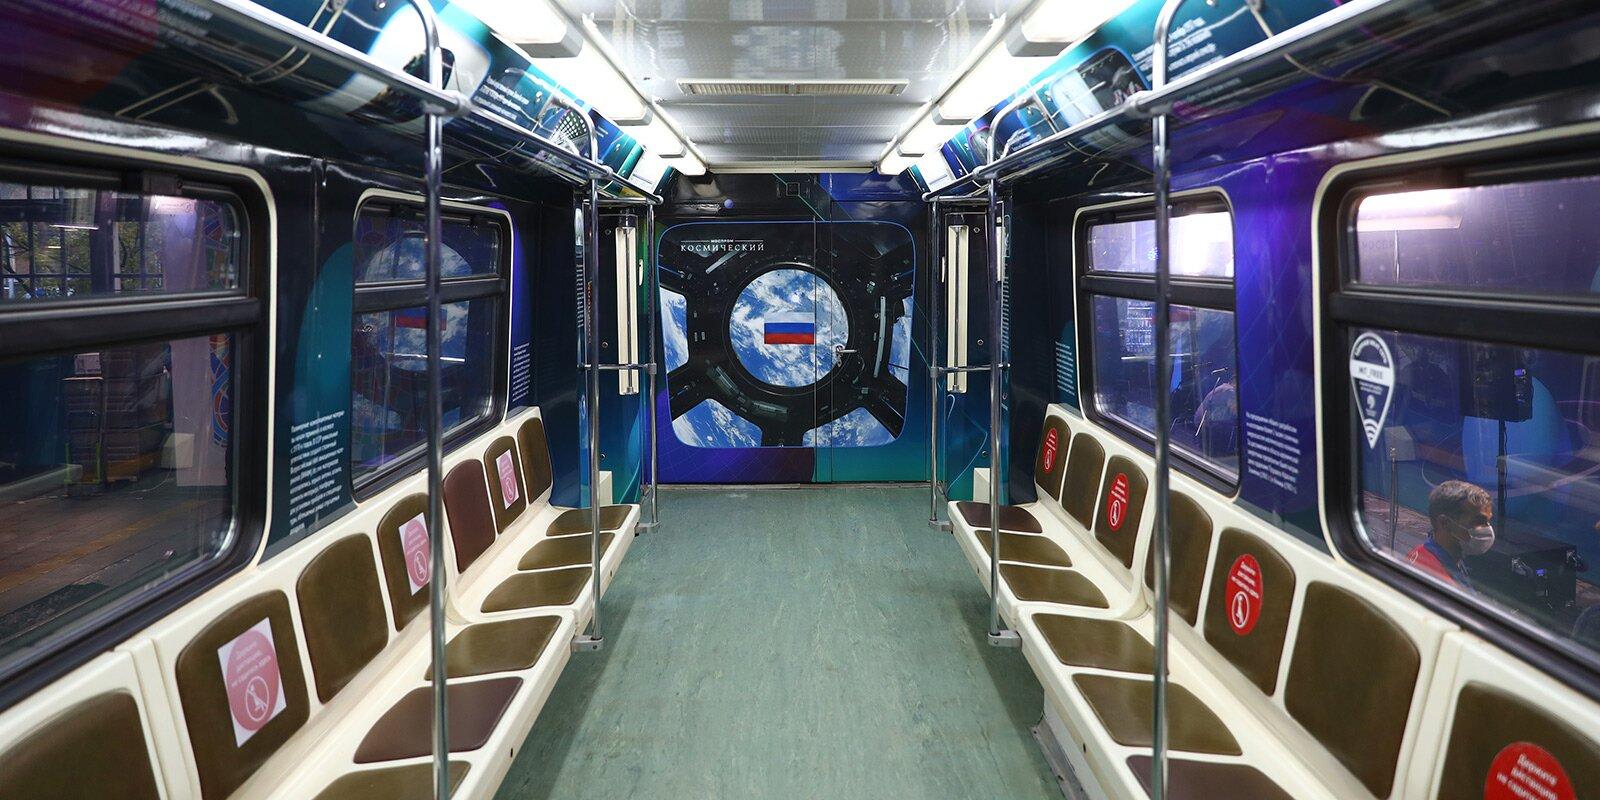 История покорения космоса: в метро появился тематический поезд «Моспром космический»